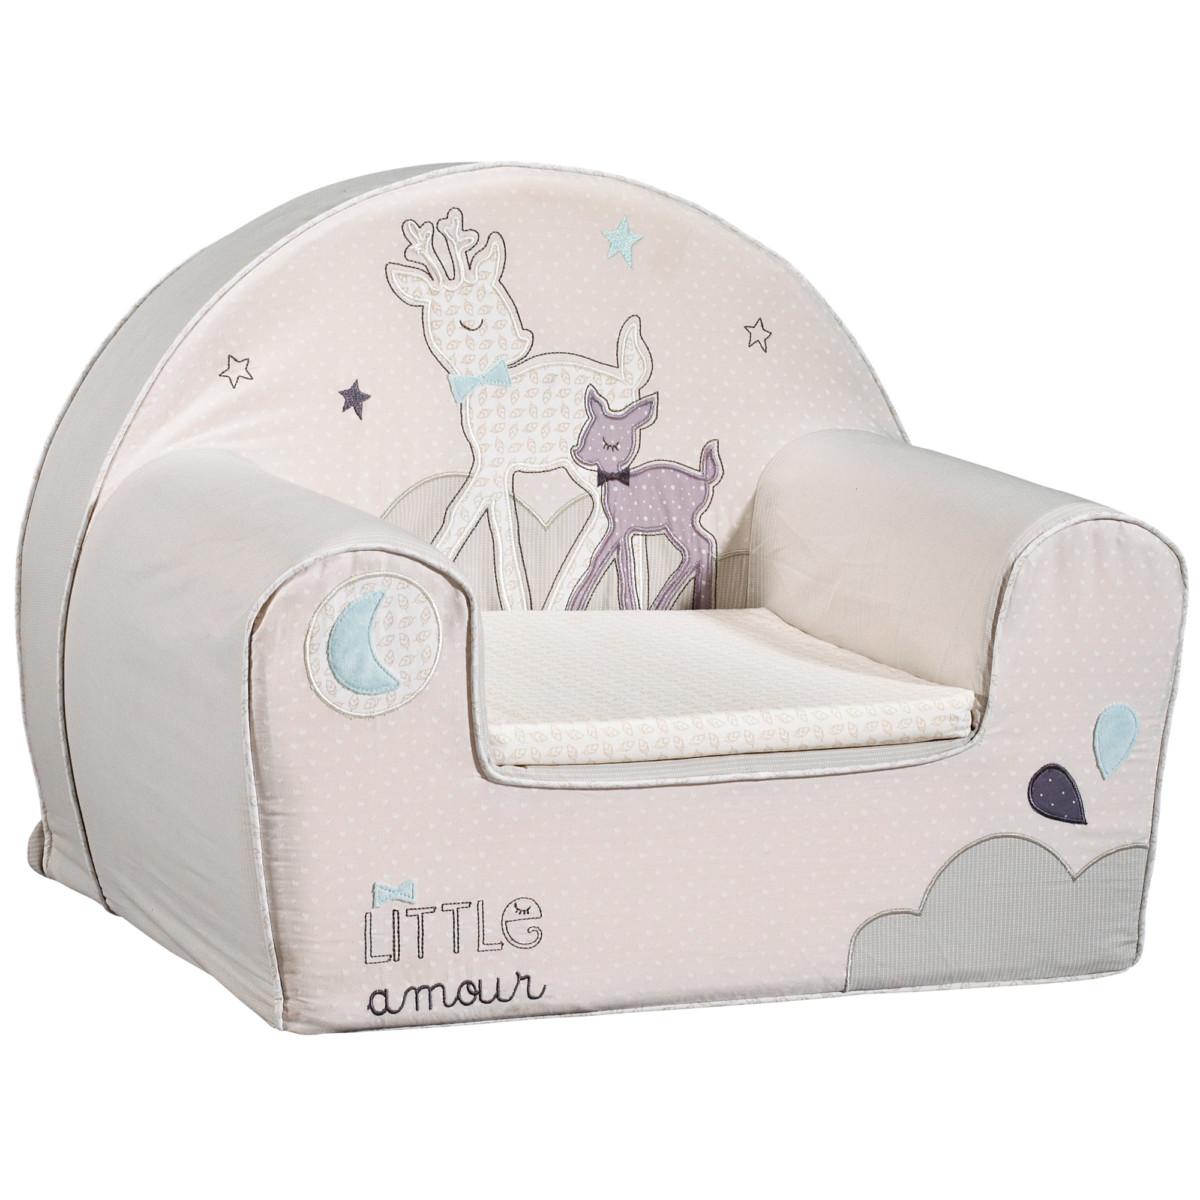 Noisette fauteuil club Beige de Sauthon Baby Déco, Fauteuils : Aubert